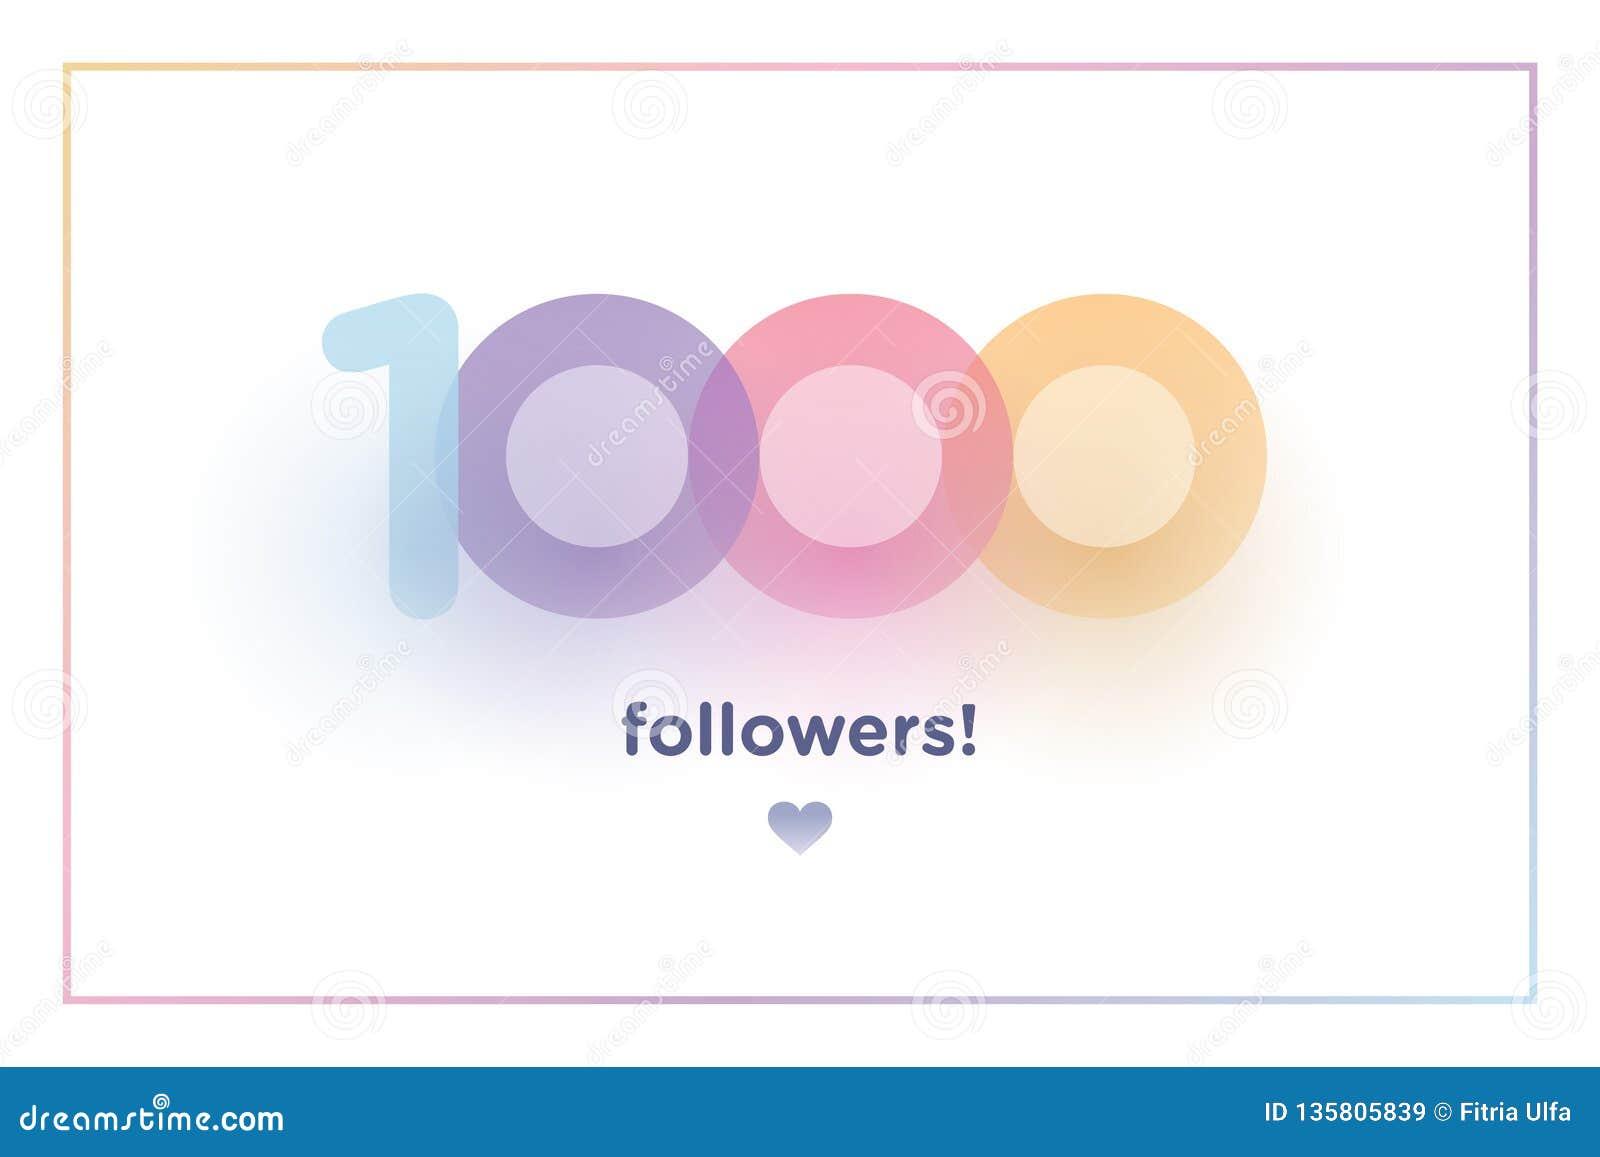 1k eller 1000, anhängare tackar dig det färgrika bakgrundsnumret med mjuk skugga Illustration för sociala nätverksvänner, anhänga